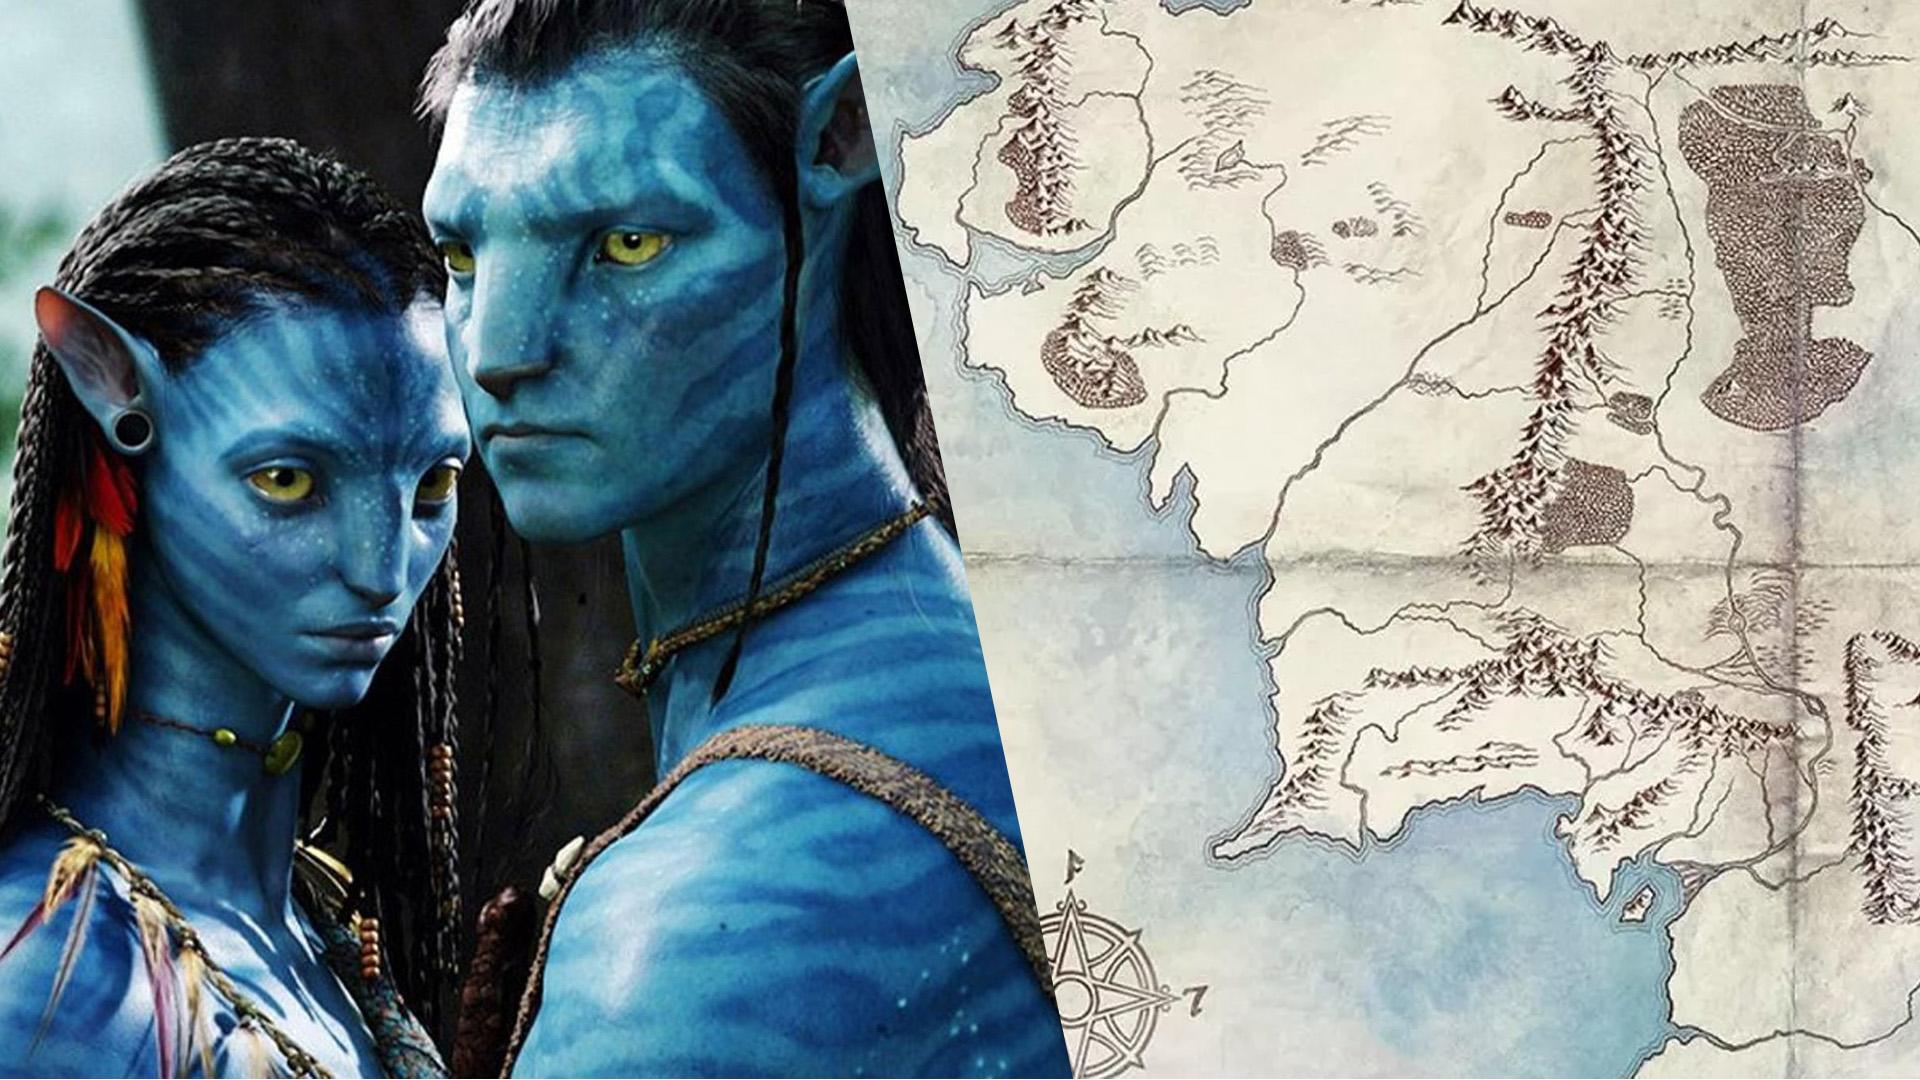 Via libera ad Avatar 2 e alla serie del Signore degli Anelli thumbnail